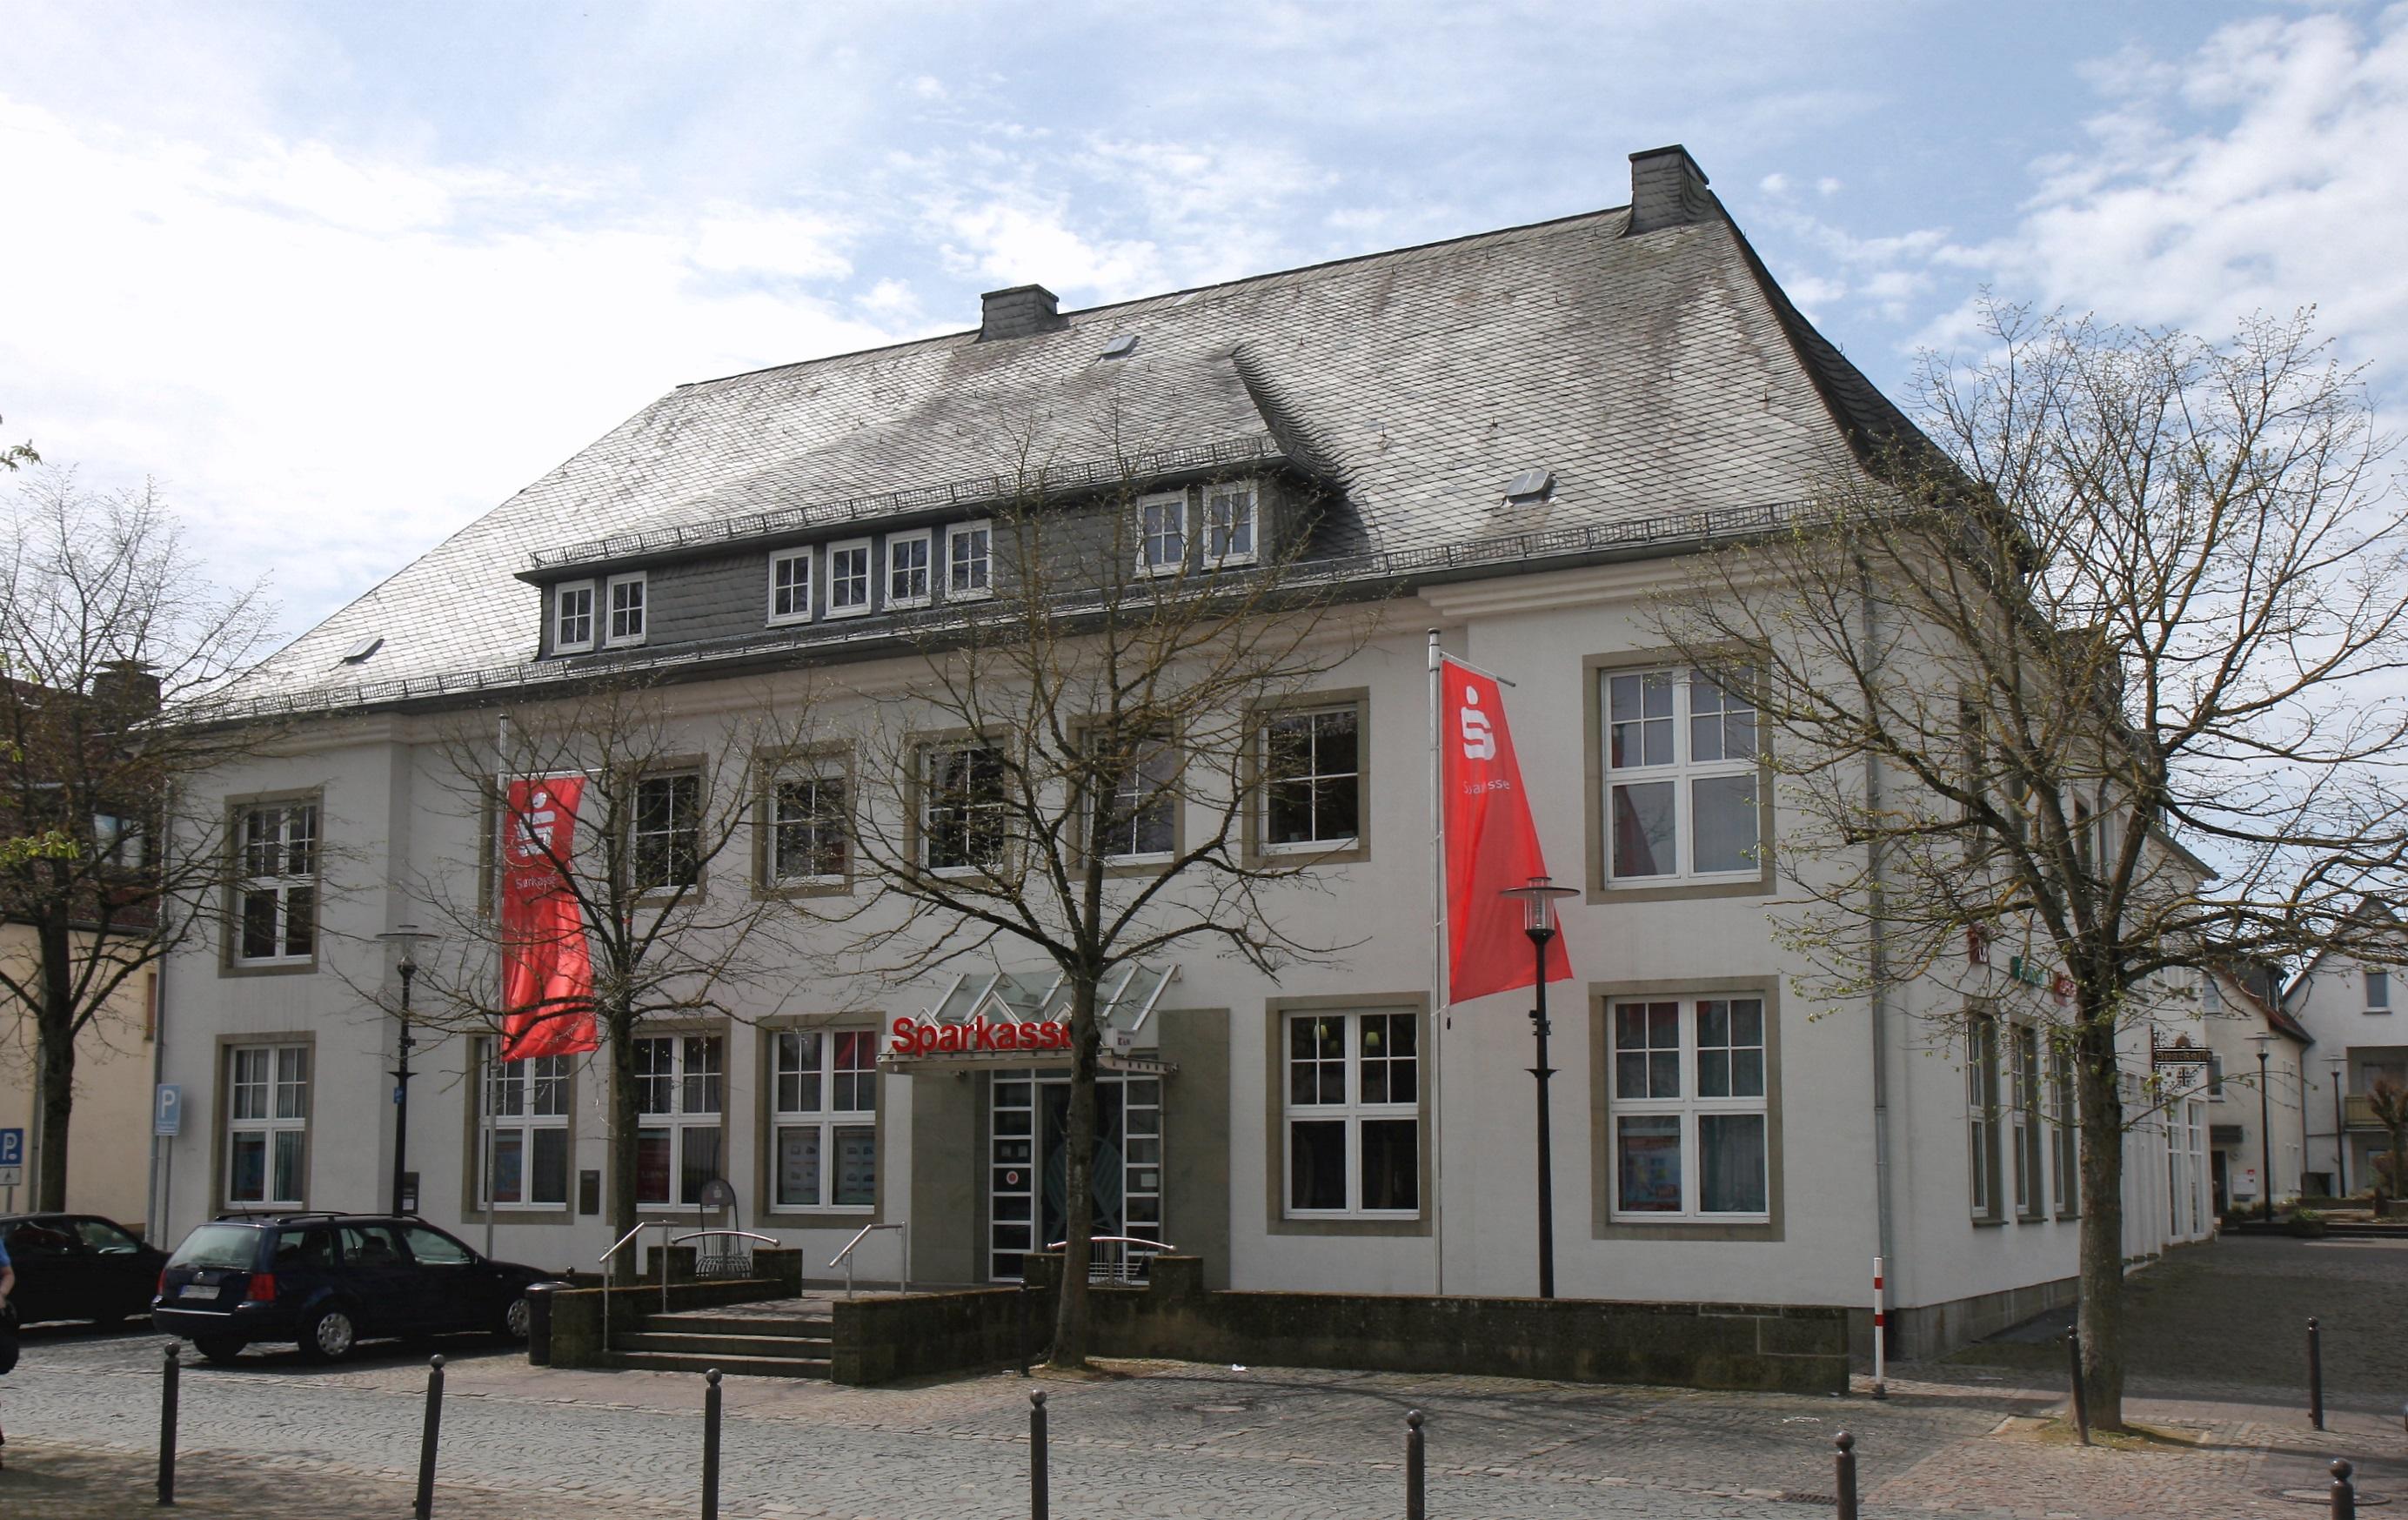 Sparkasse Lippstadt | Mapio.net